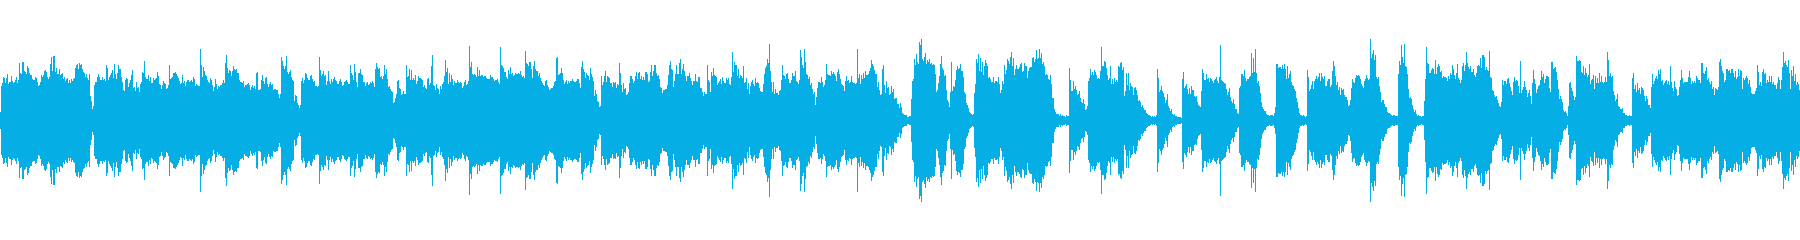 ブラスとホーンのセクションが特徴的...の再生済みの波形